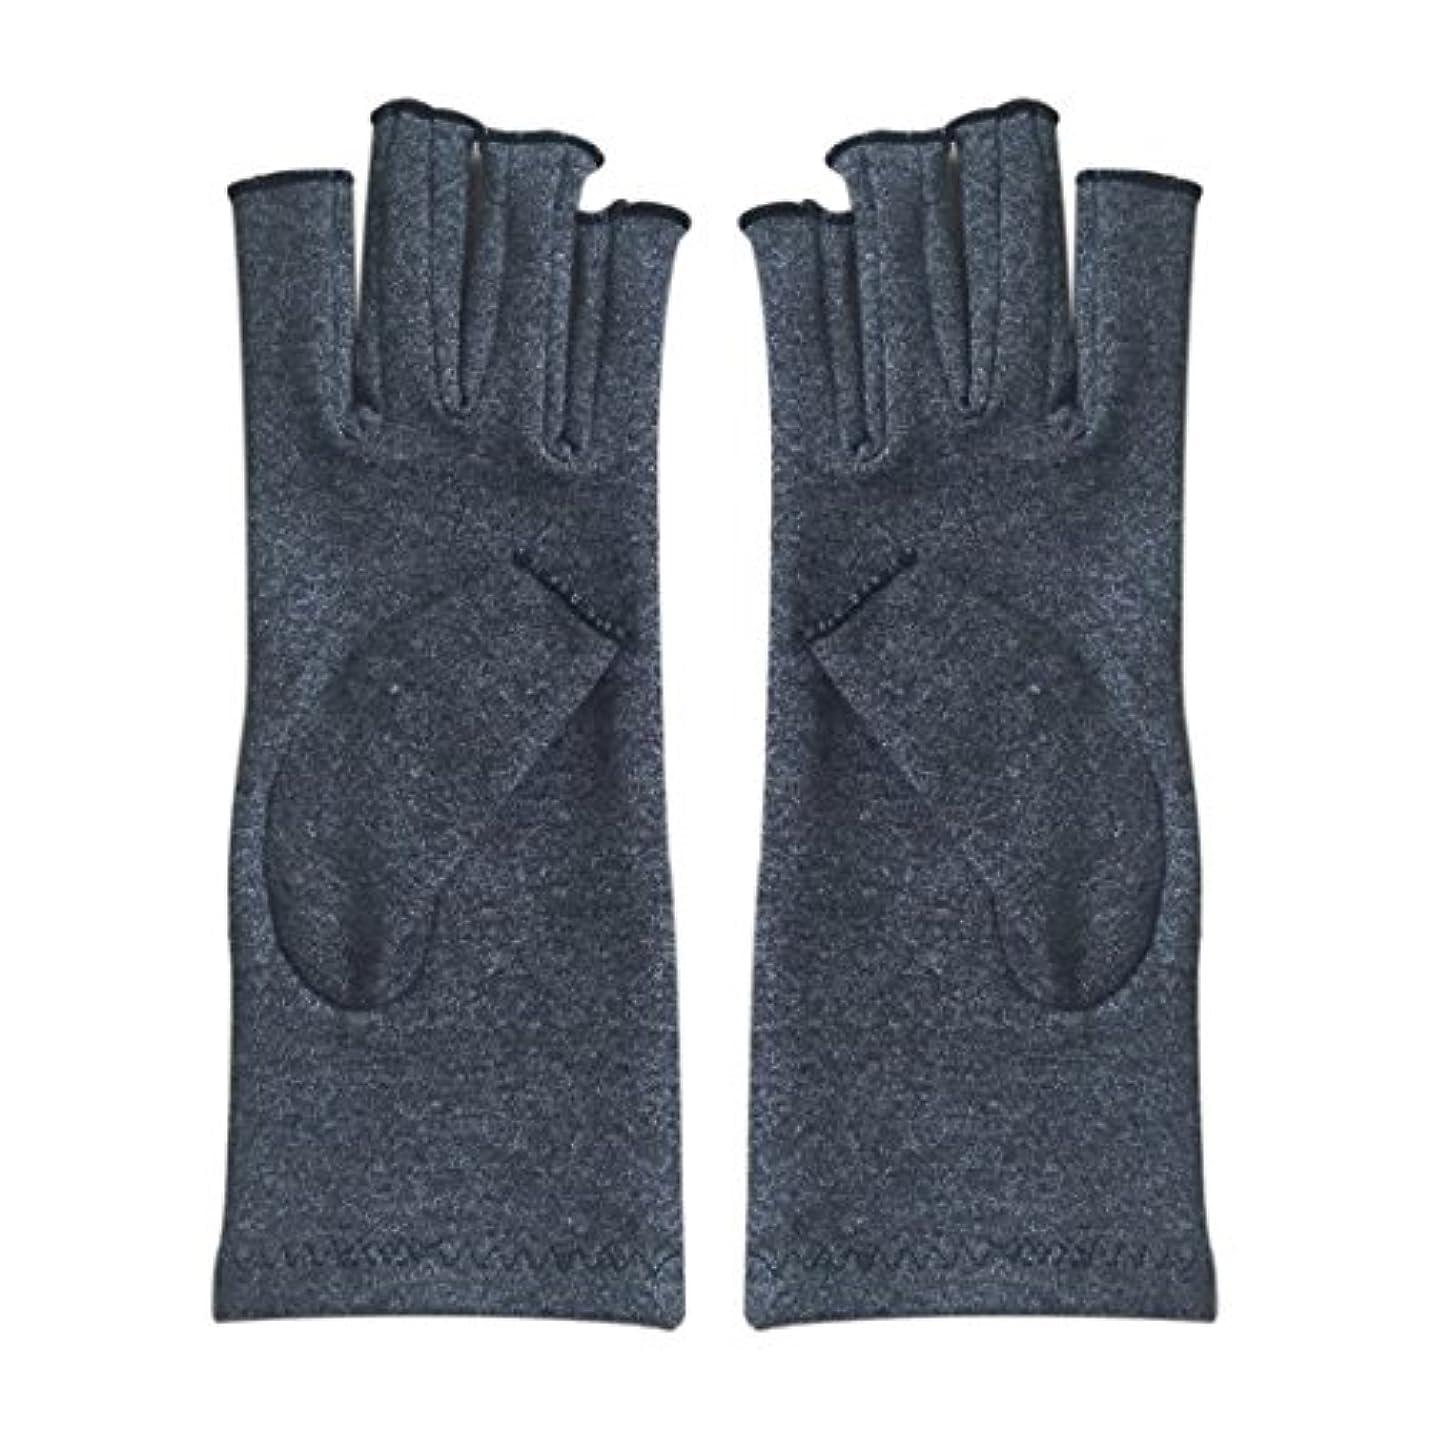 ビルエキス吸収するWOVELOT 1ペア成人男性女性用弾性コットンコンプレッション手袋手関節炎関節痛鎮痛軽減S -灰色、S